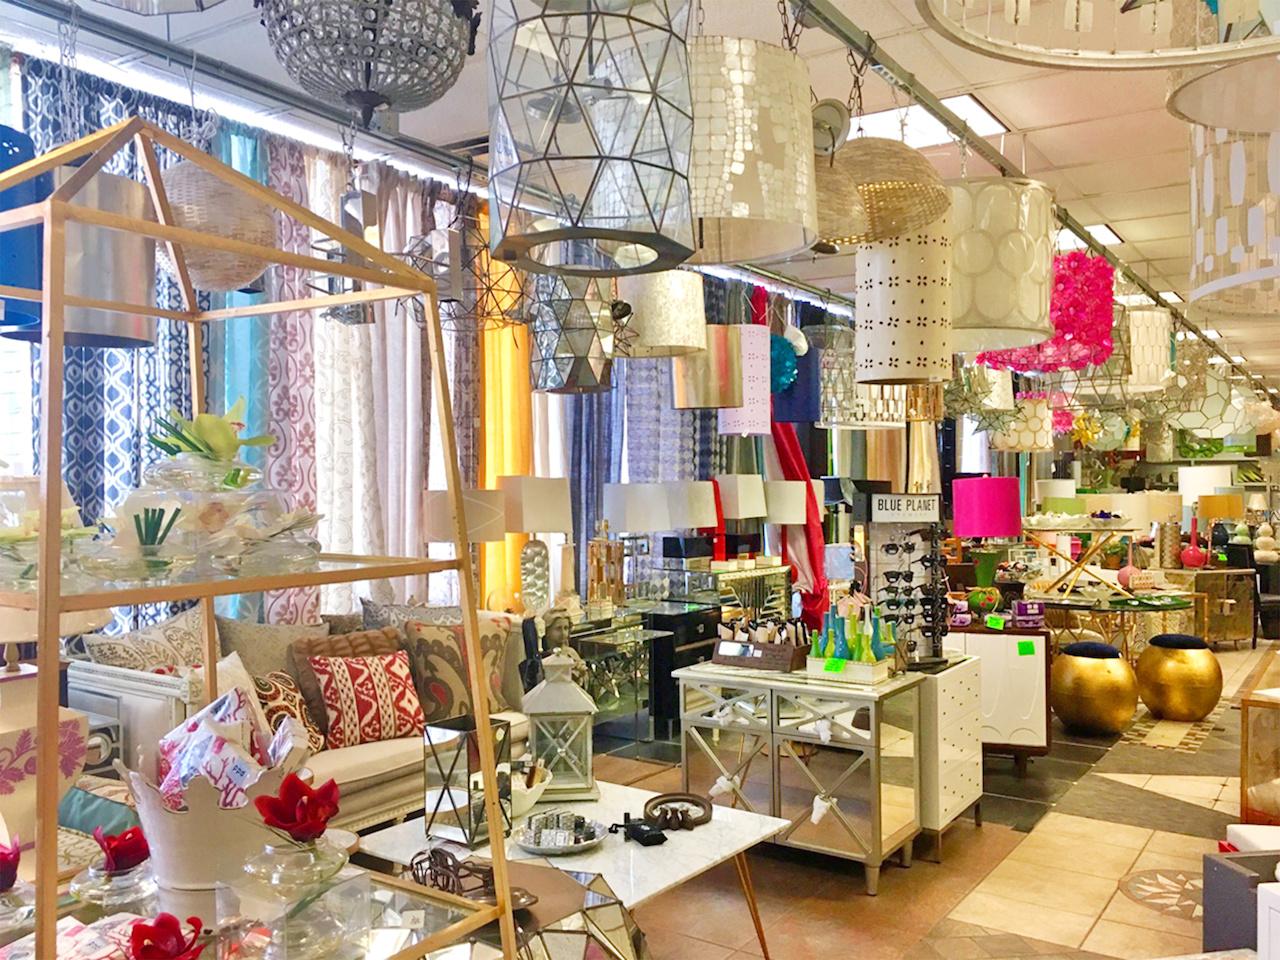 3 Top Shelf Budget Friendly Home Decor Shops